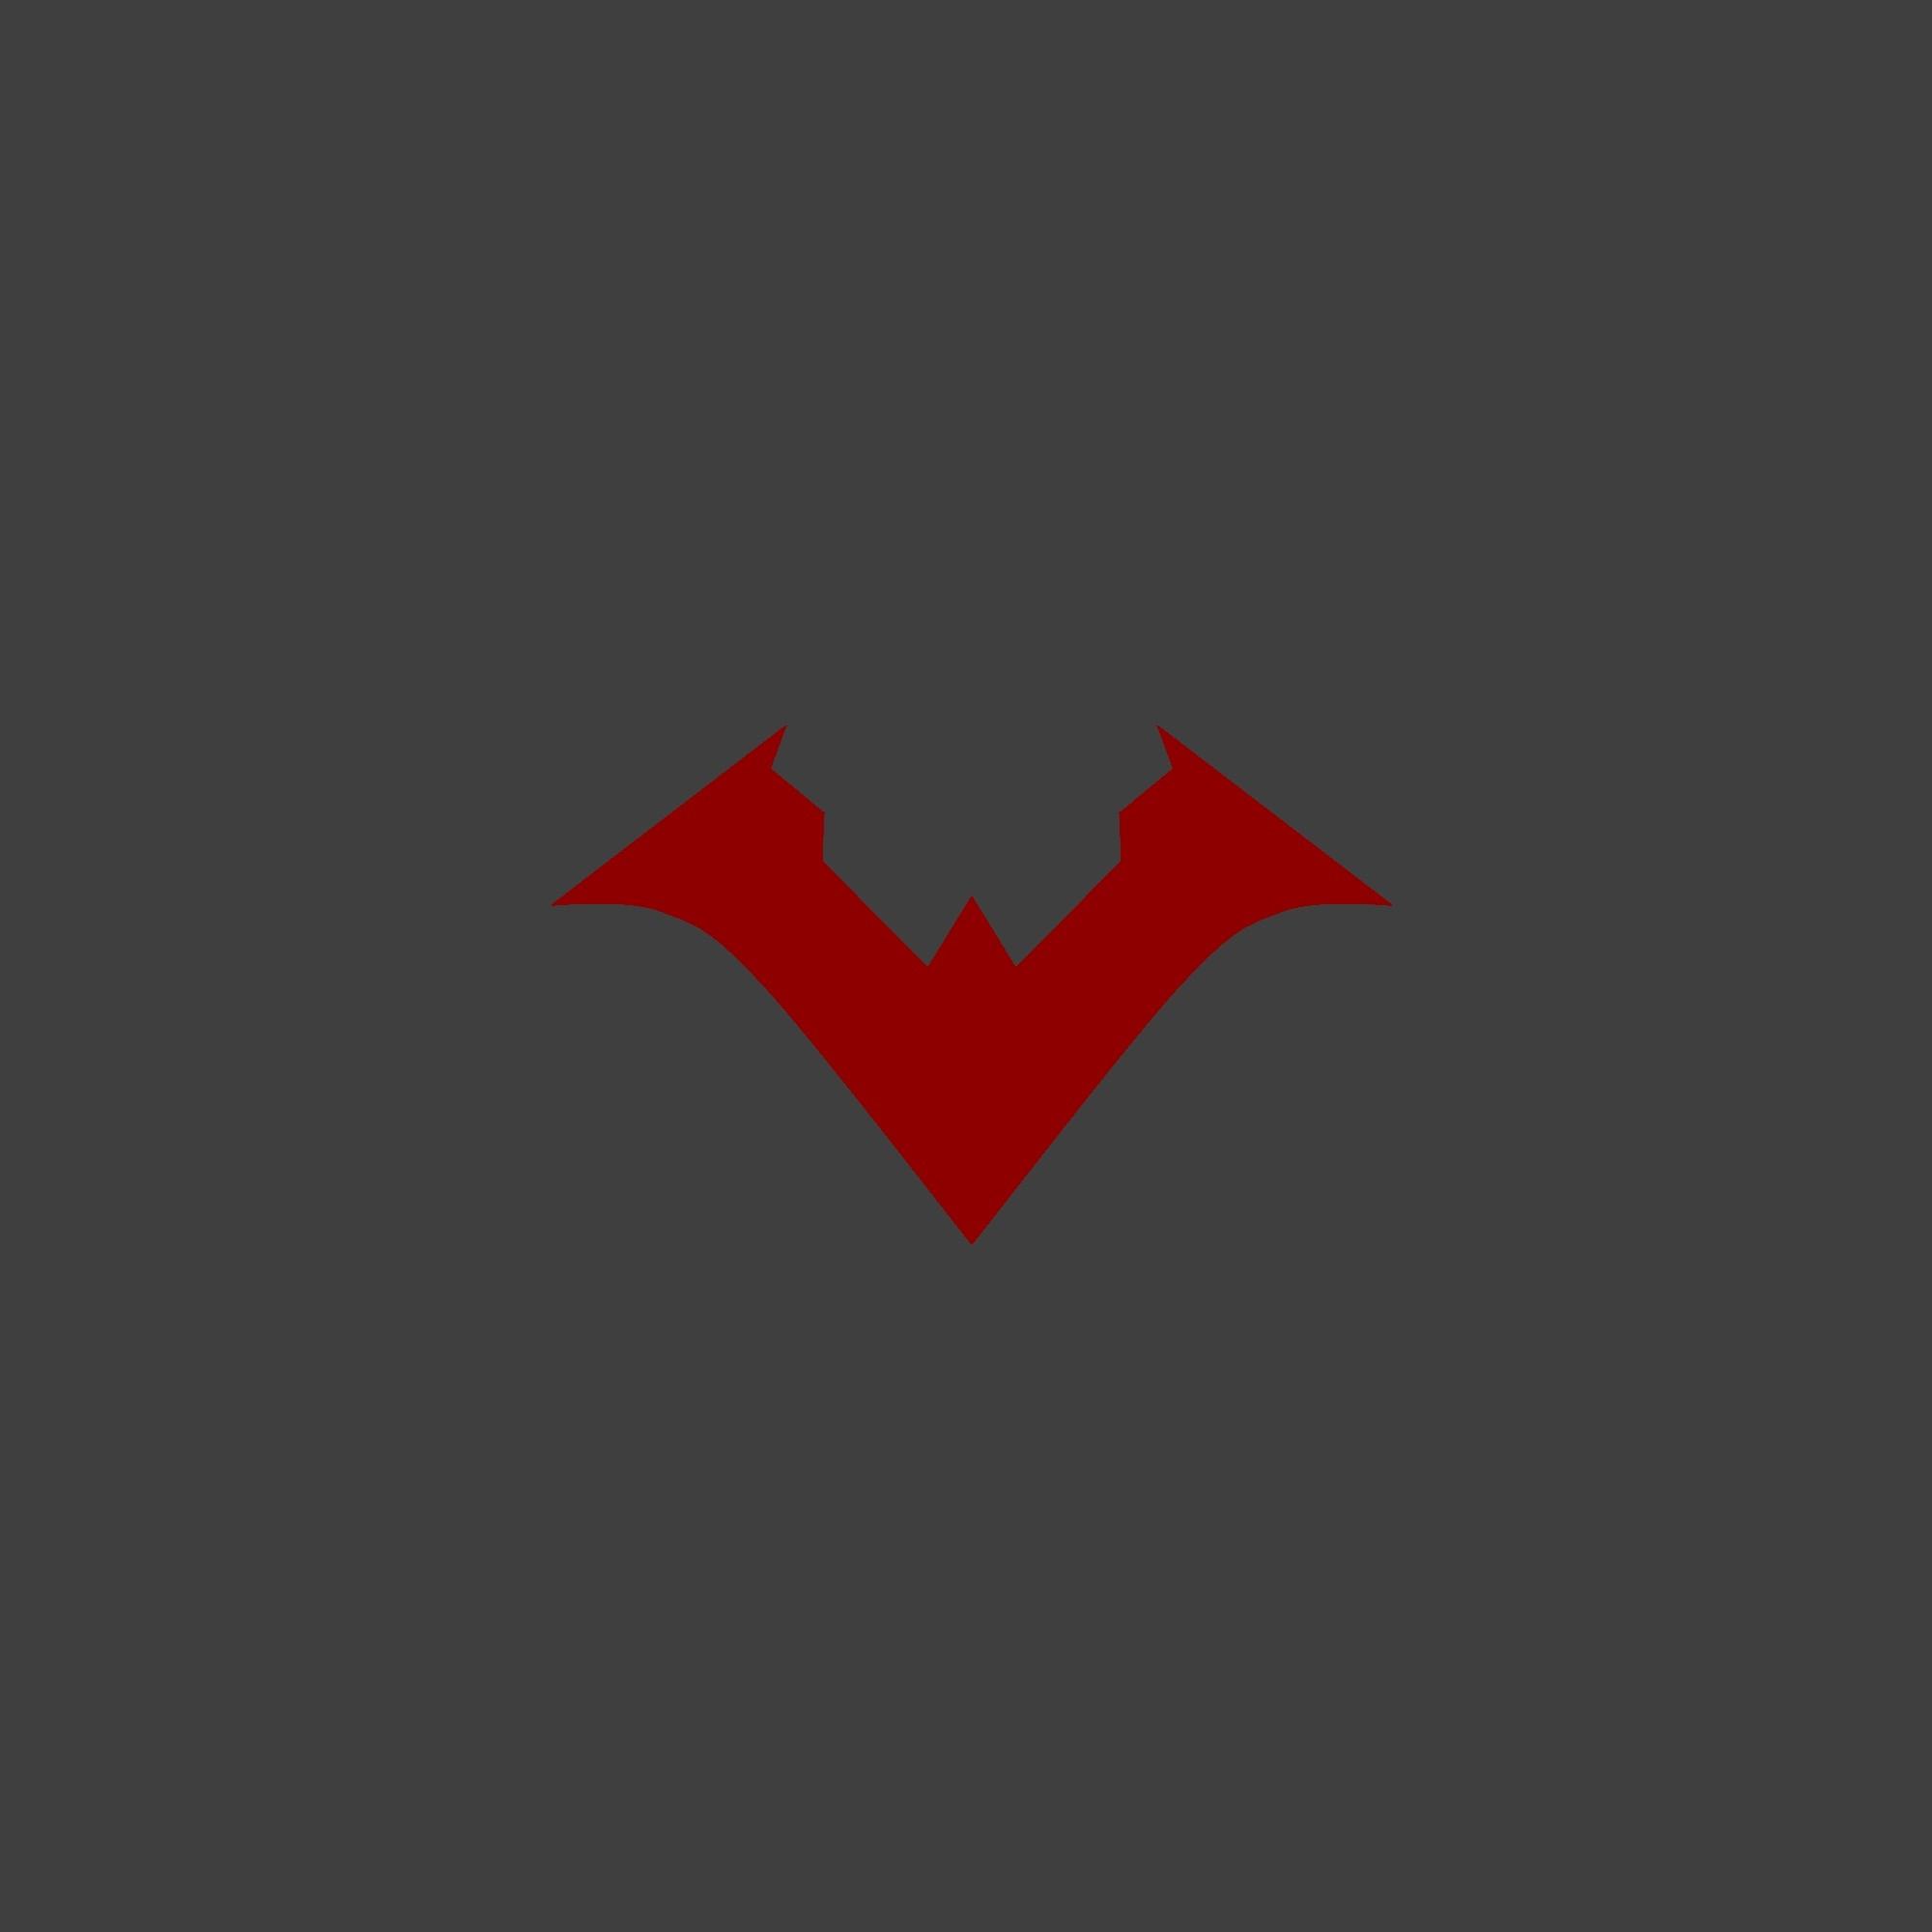 Nu 52 Nightwing logo wallpaper | Nightwing | Pinterest